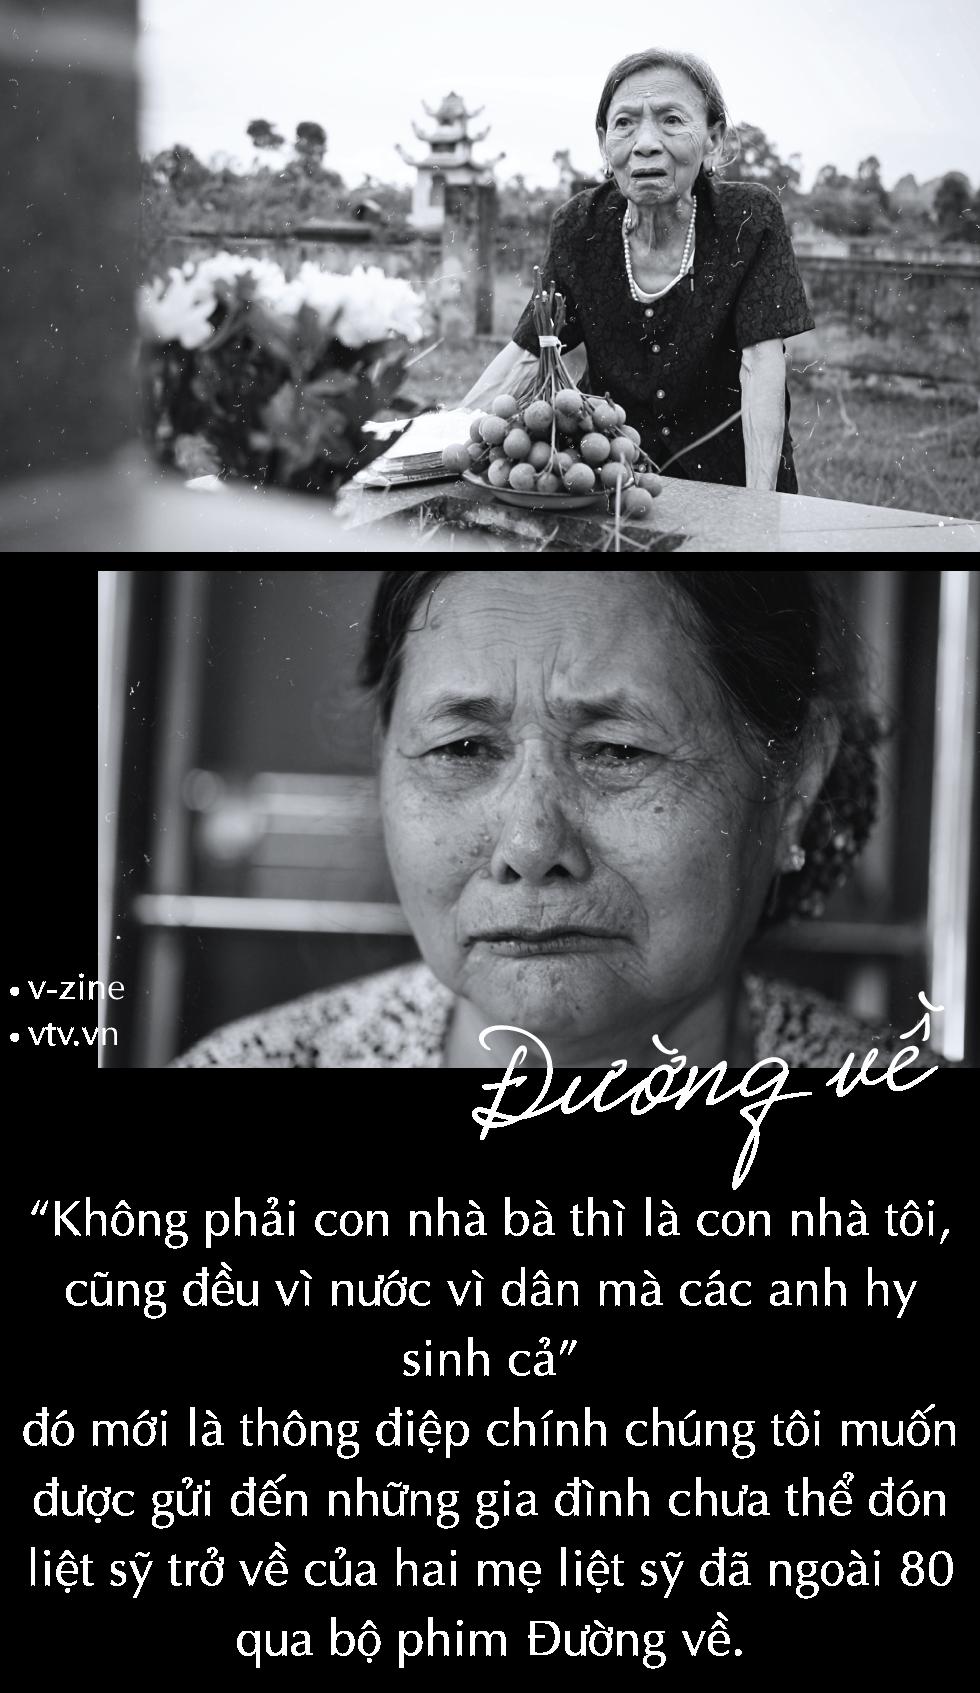 Đạo diễn Tạ Quỳnh Tư: VTV Đặc biệt - Đường về khỏa lấp nỗi đau của nhiều gia đình liệt sỹ - Ảnh 12.